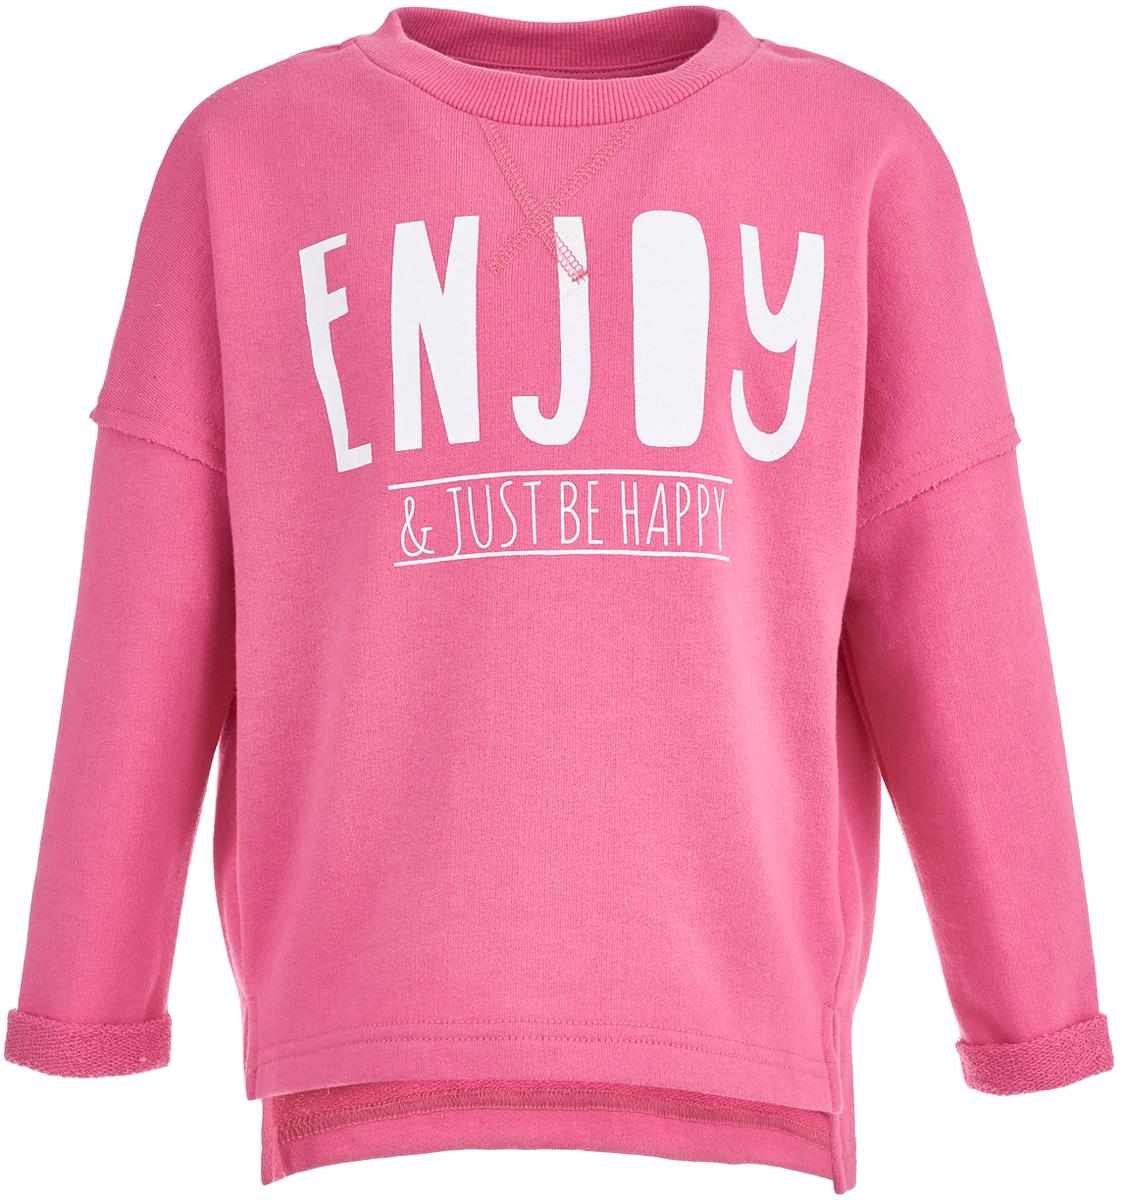 Свитшот для девочки Button Blue, цвет: розовый. 118BBGC16051200. Размер 104118BBGC16051200Яркий детский свитшот - идеальная весенняя одежда для девочки. Модель с длинными рукавами декорирована надписью, сделанной стильным шрифтом. Она может украсить любой образ и добавить ребенку позитива в самый прохладный день! Чтобы порадовать девочку, ей можно купить детский свитшот, отличающийся модным дизайном и удобным кроем.